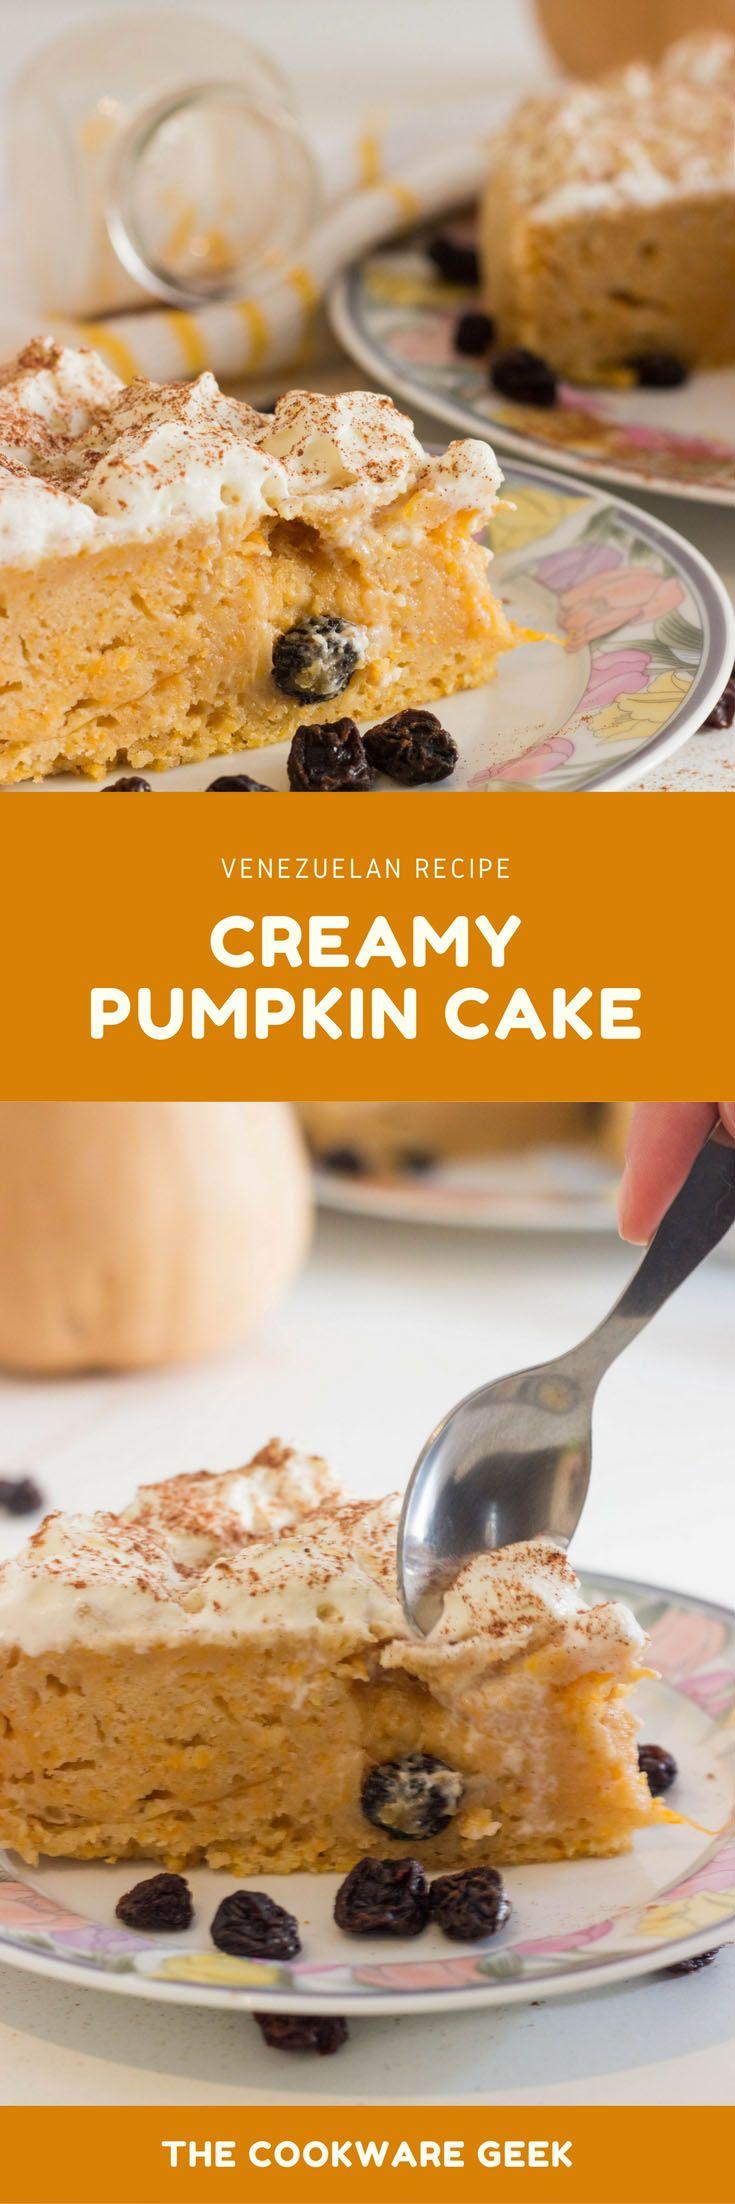 Creamy Pumpkin Cake (Venezuelan recipe) - The Cookware Geek | The Cookware Geek